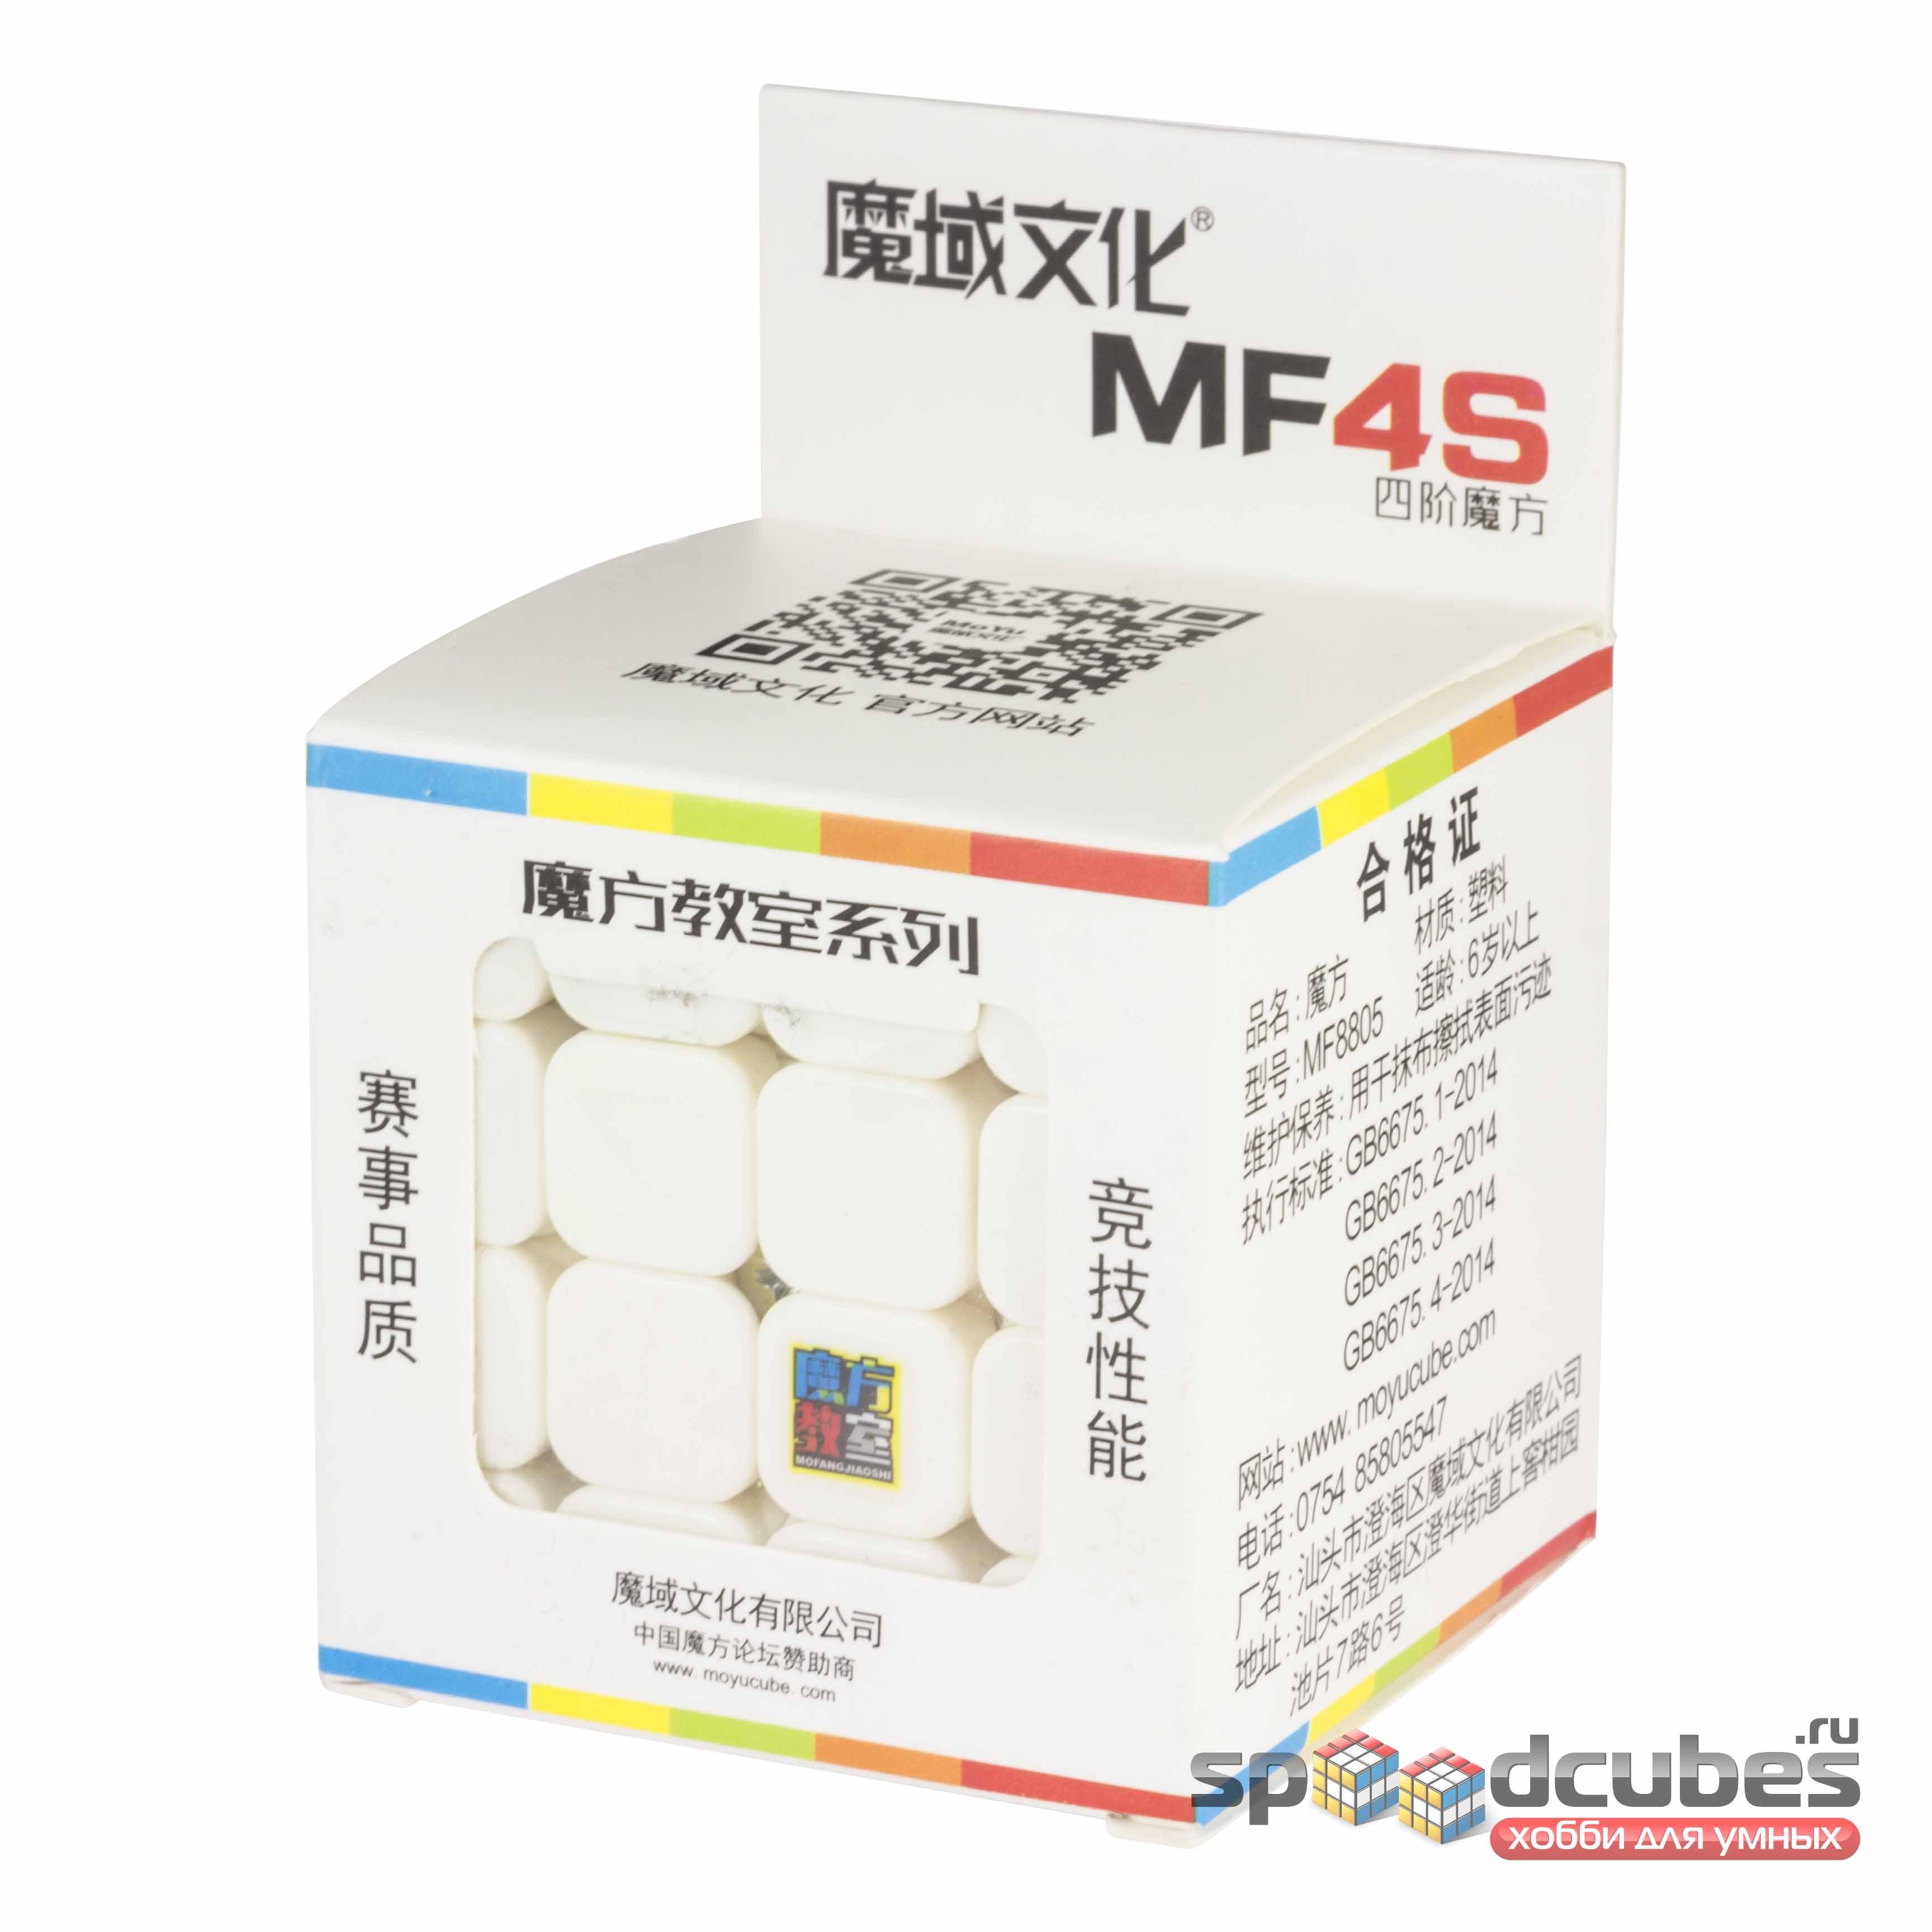 MoYu 4x4x4 MofangJiaoshi MF4s (цв) 1